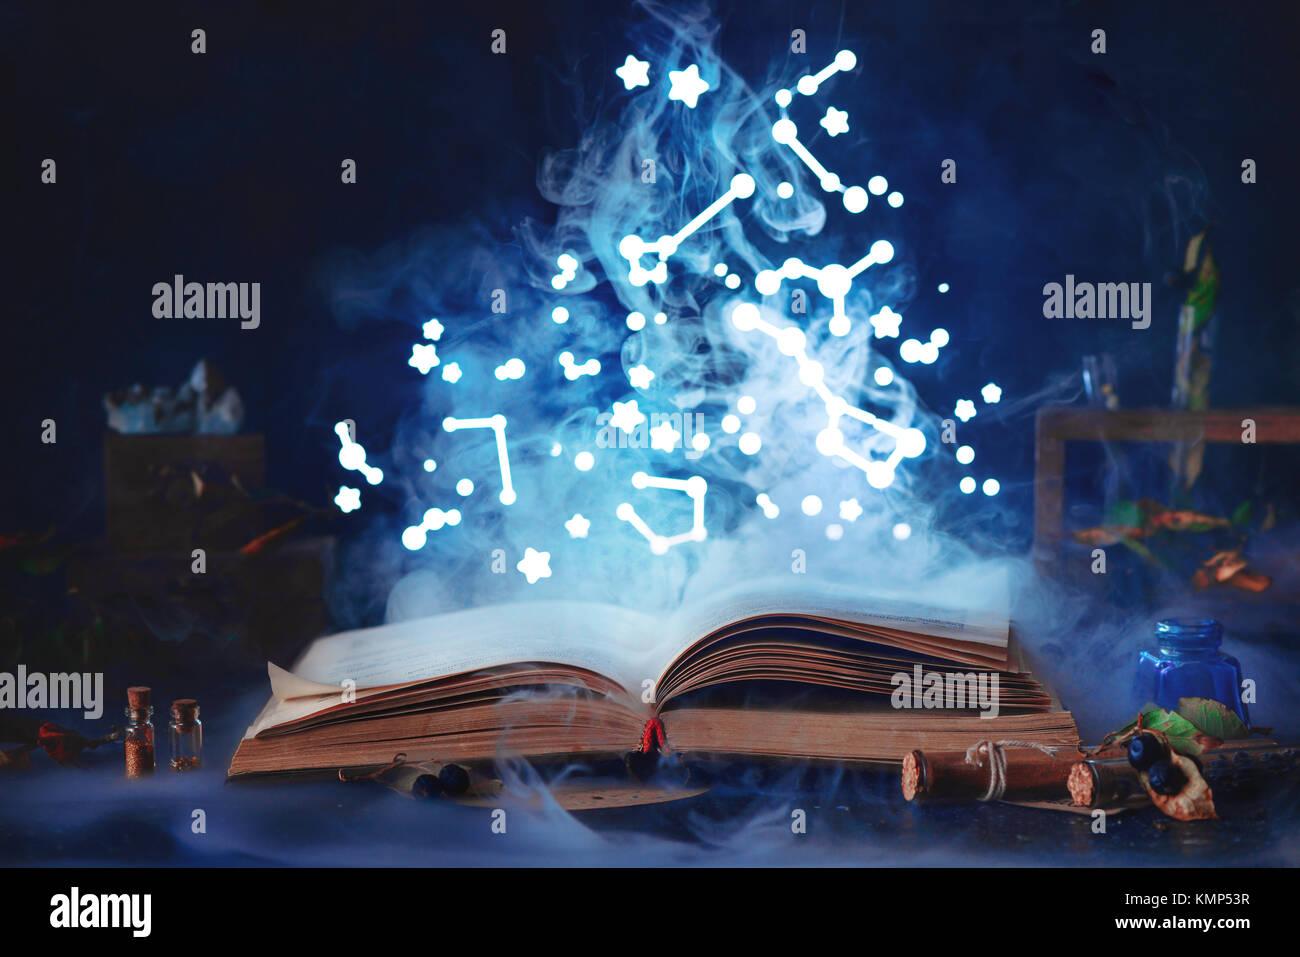 Libro de hechizos con humo y místico stary cielo. Los bodegones mágicos con frascos y botellas sobre un fondo oscuro. Foto de stock